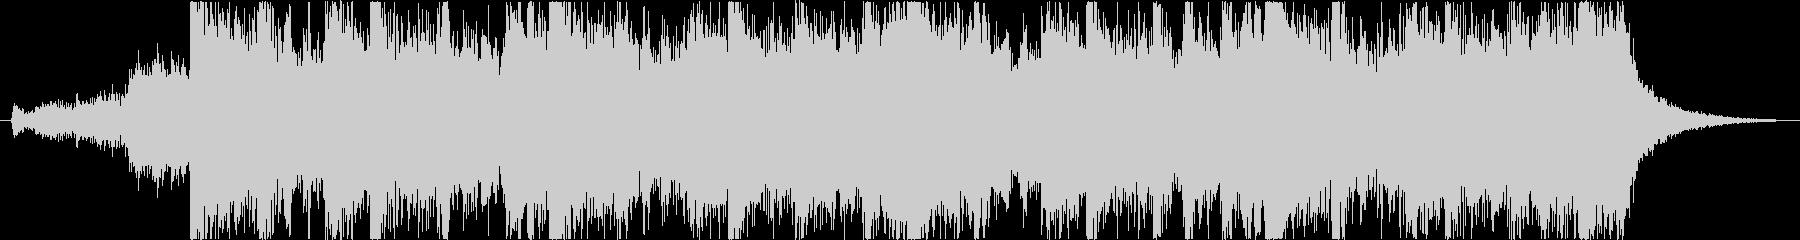 感動シネマティックエピックオーケストラeの未再生の波形